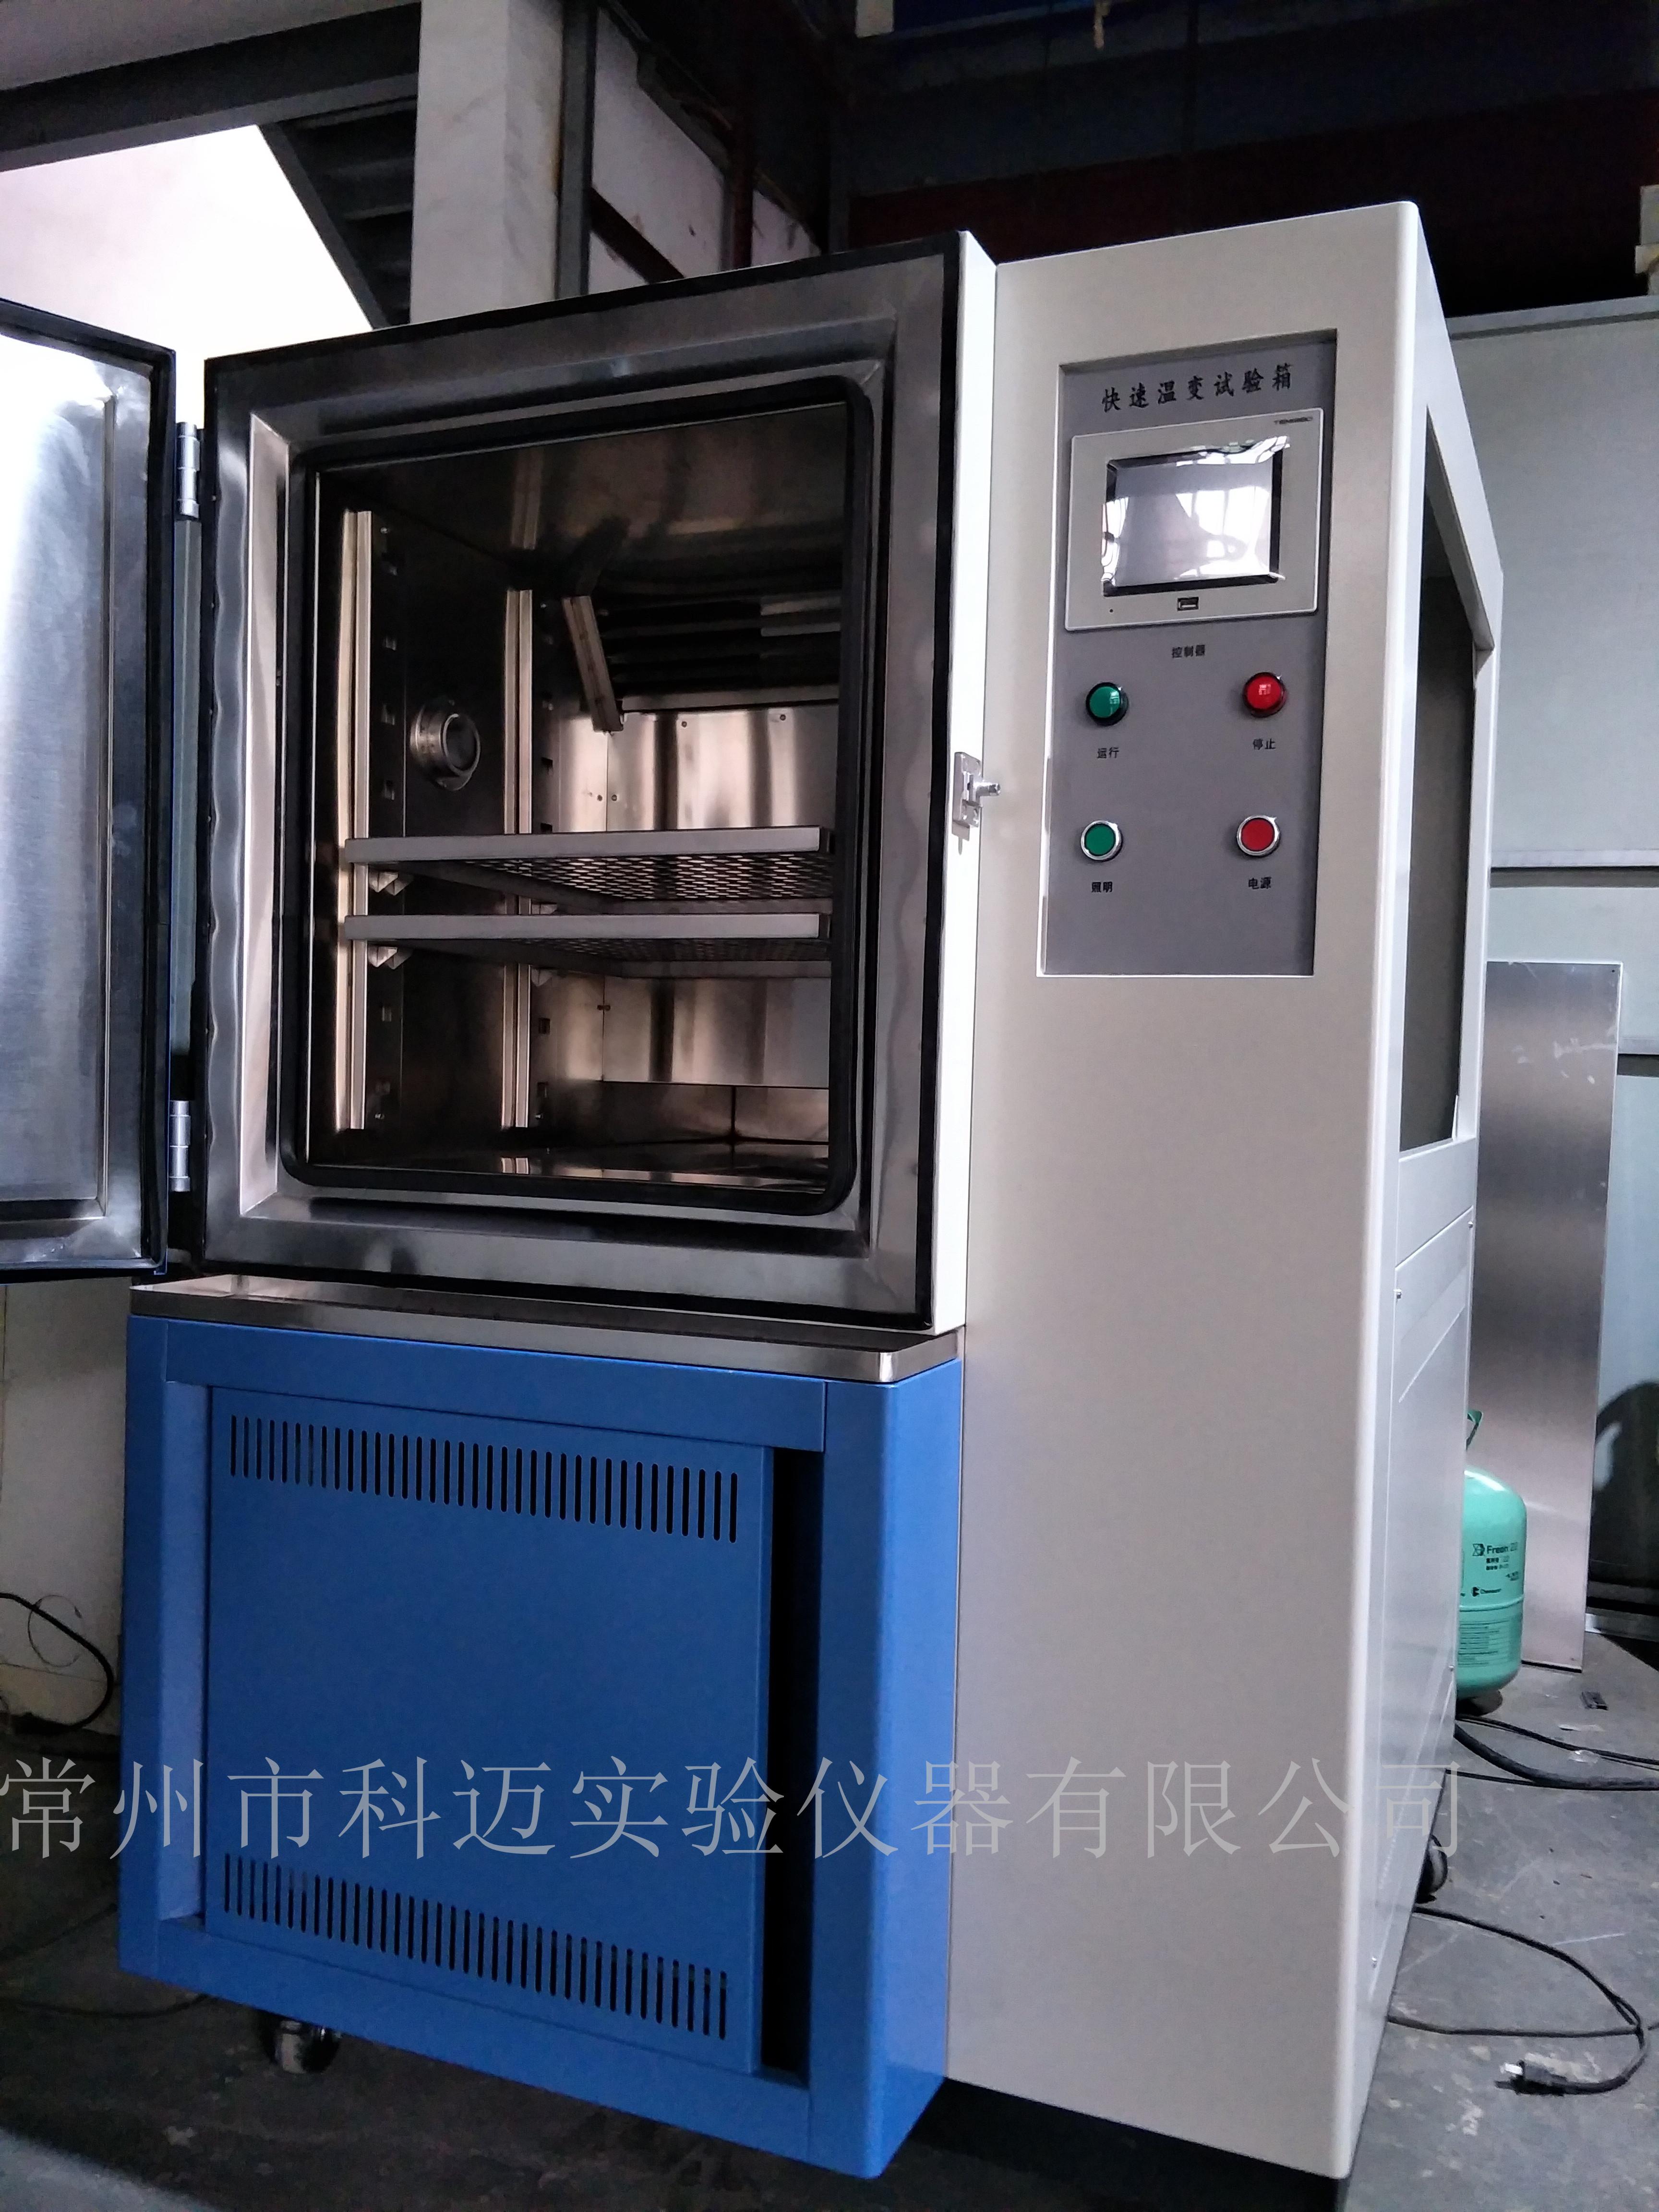 光伏组件检测设备,光伏组件试验箱,试验箱